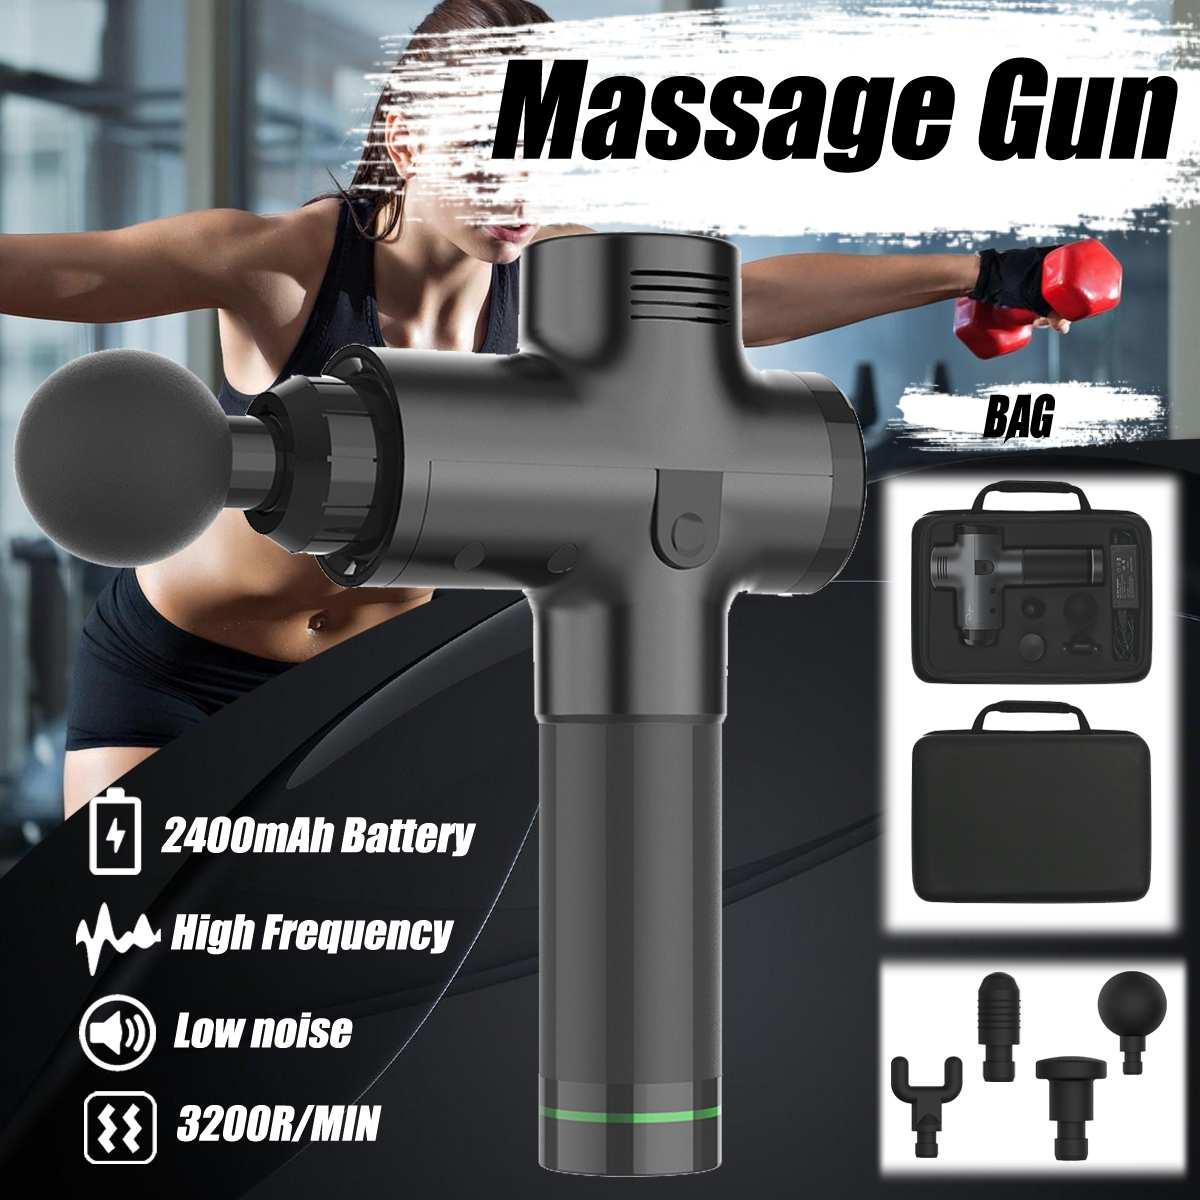 Tecido Massagem Armas de Gestão da Dor Muscular após O Exercício de Treinamento Do Corpo Muscle Massager Relaxamento Slimming Shaping Alívio